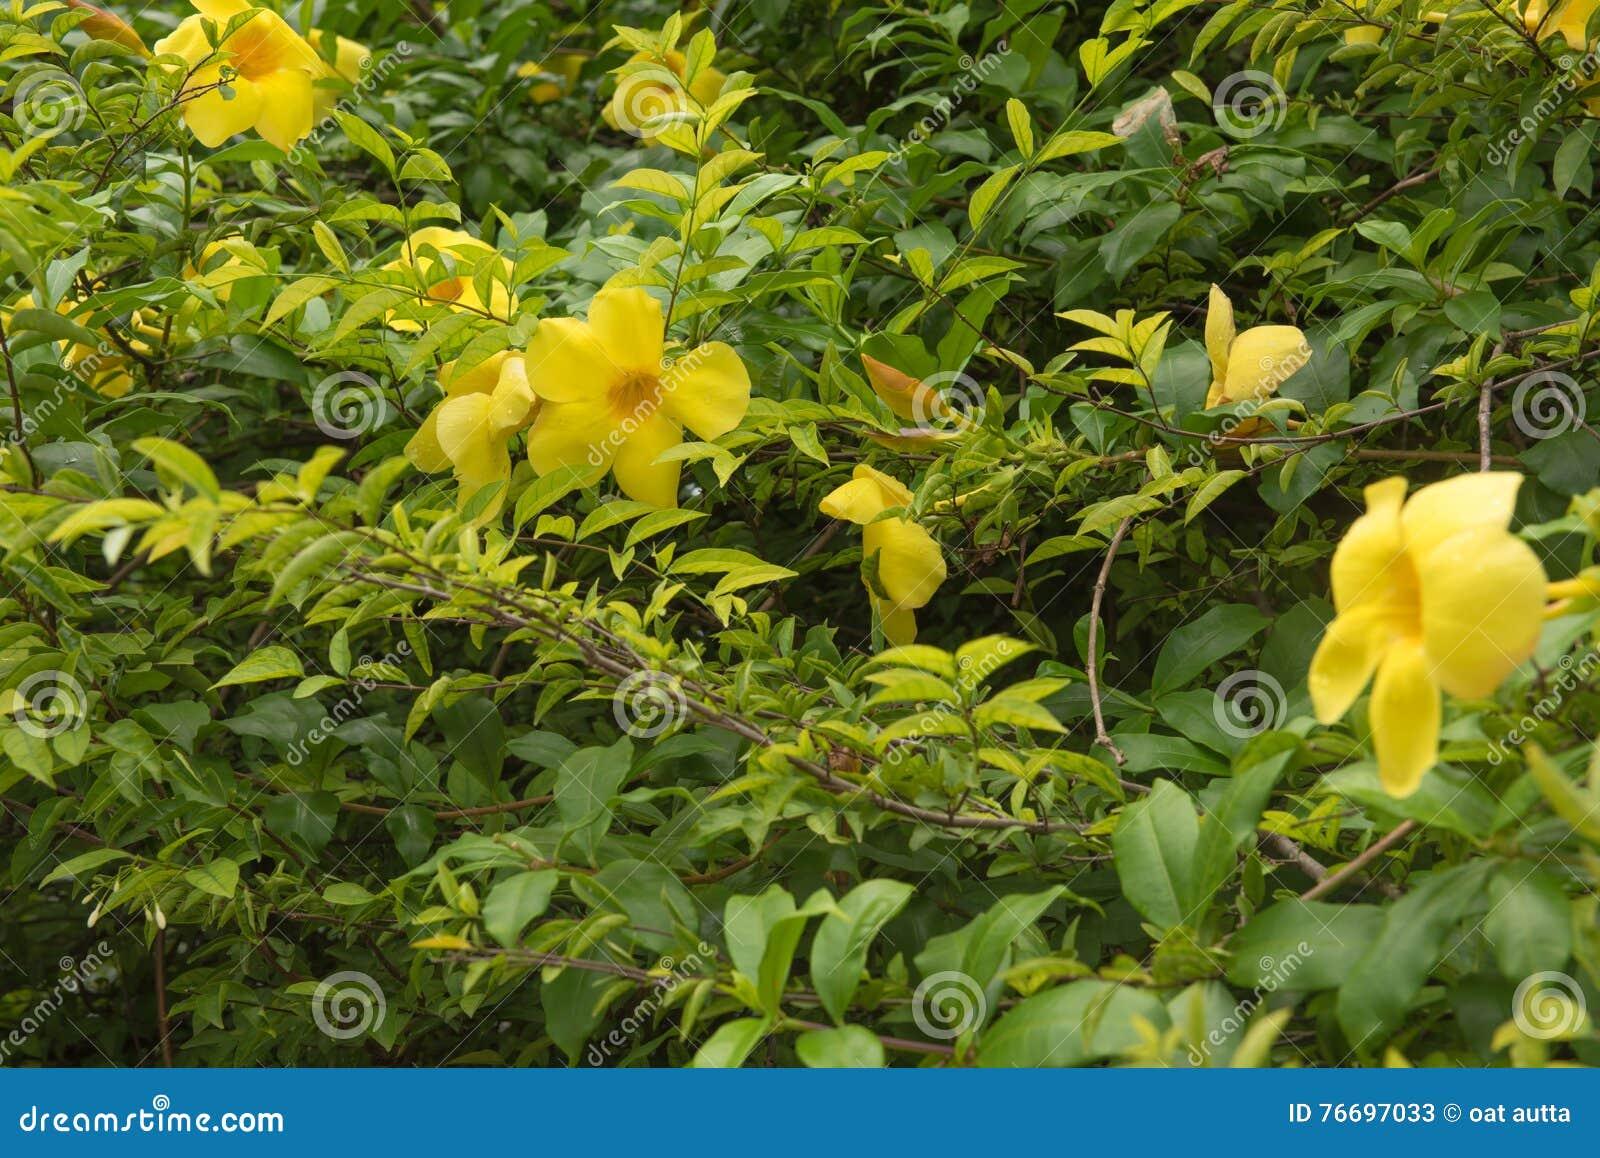 Arbusto A Fiori Gialli fiori gialli freschi che fioriscono sull'arbusto nel